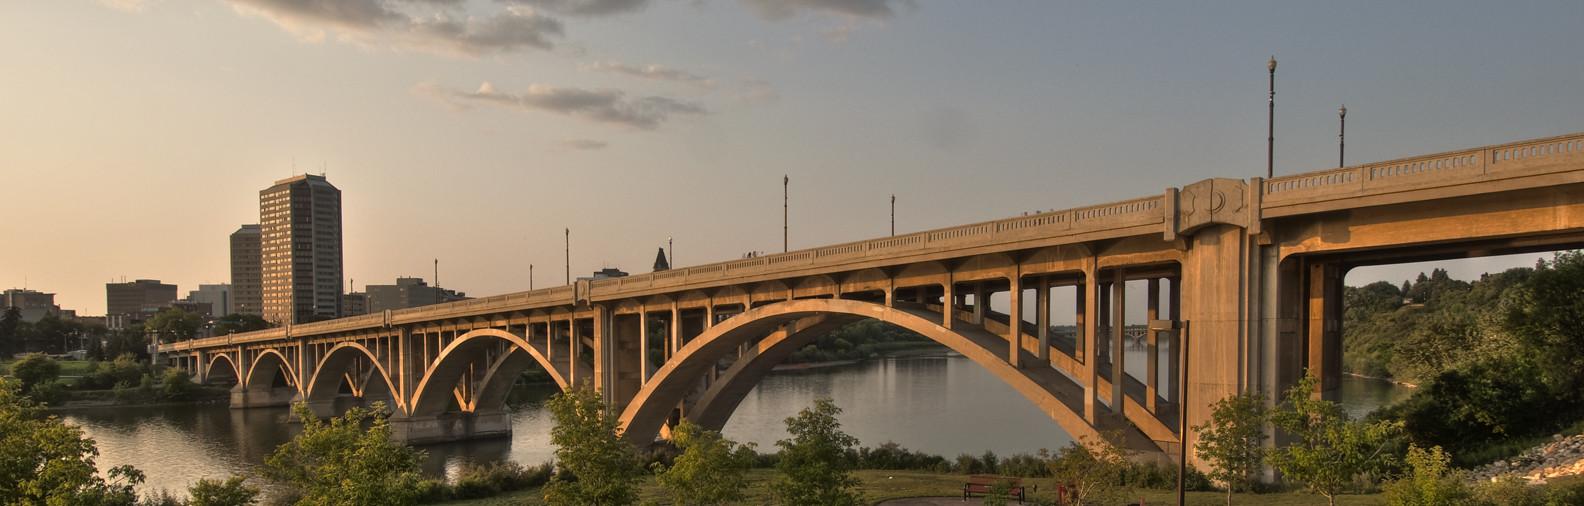 Broadway Bridge - photo by Nick Weinrauch